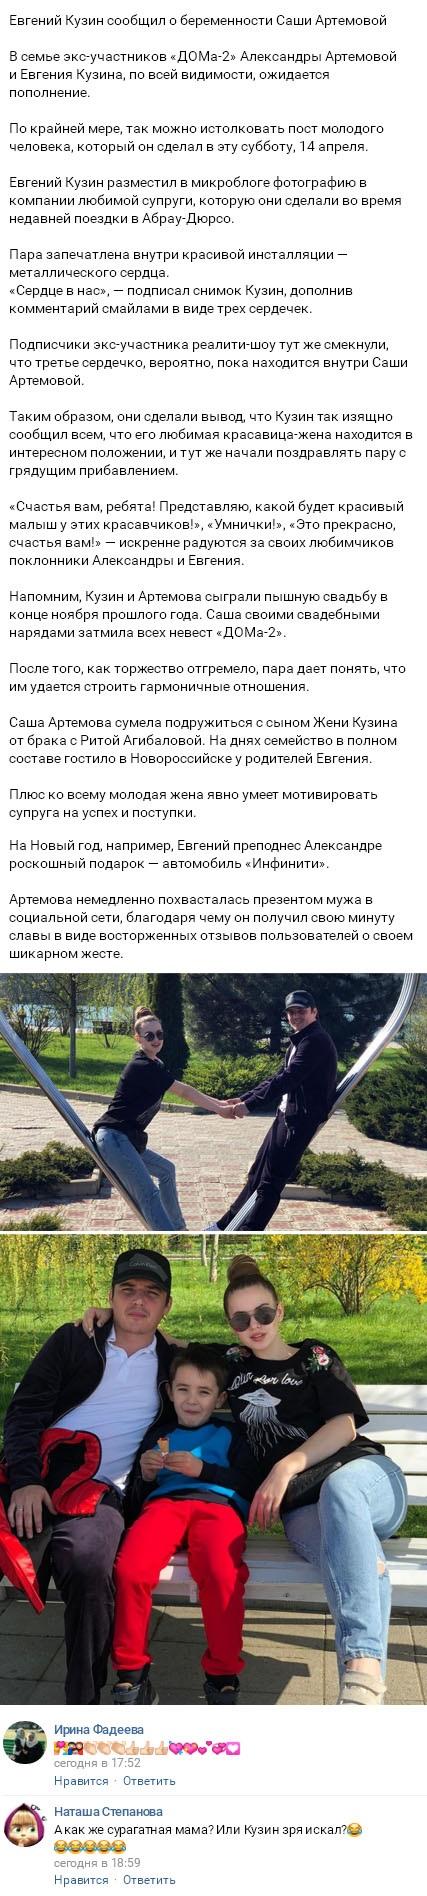 Александра Артемова и Евгений Кузин порадовали сенсационными новостями